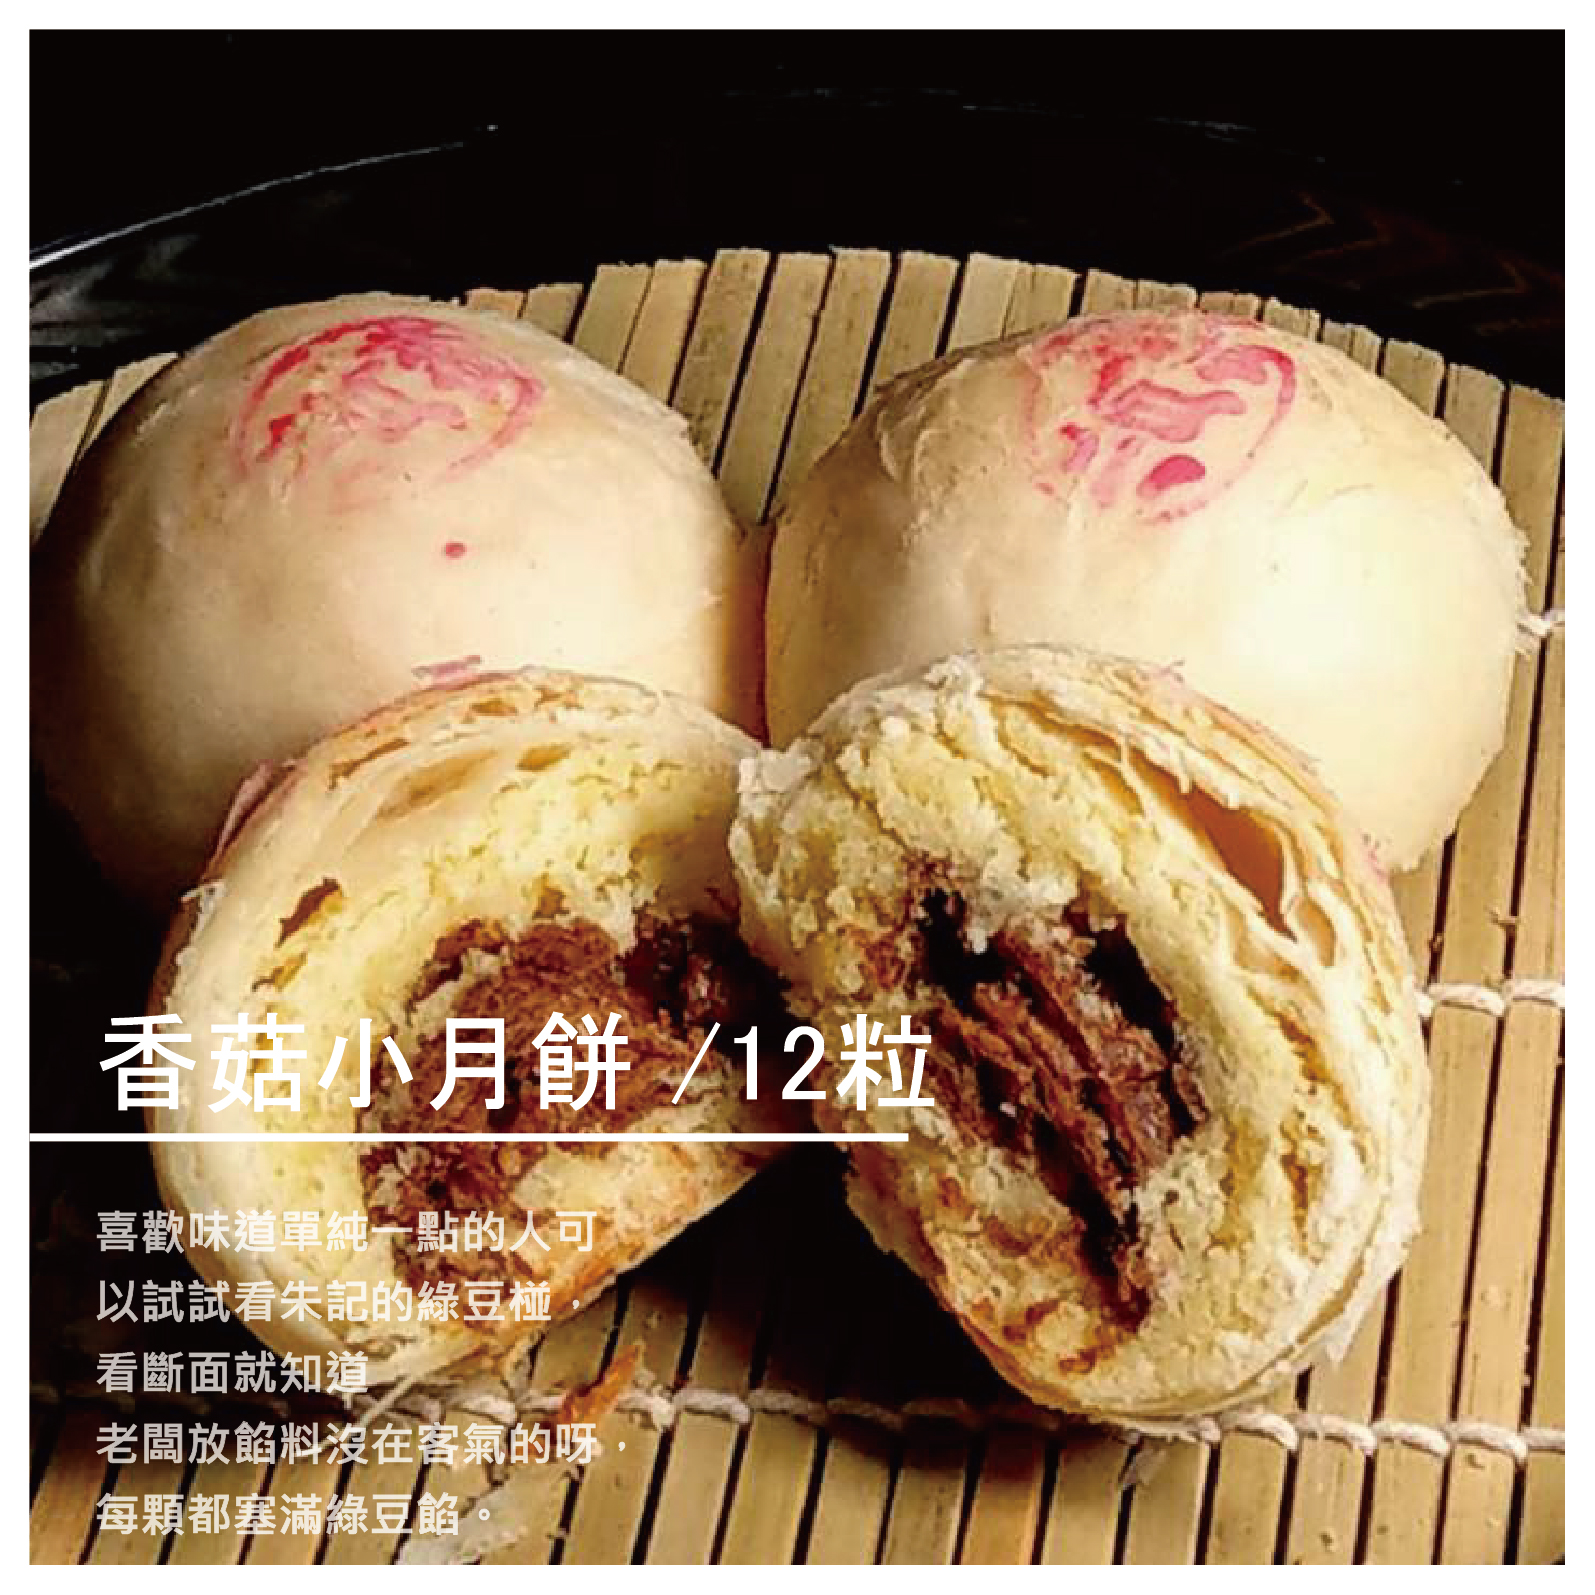 【朱記素餅】香菇小月餅 /12粒 全素